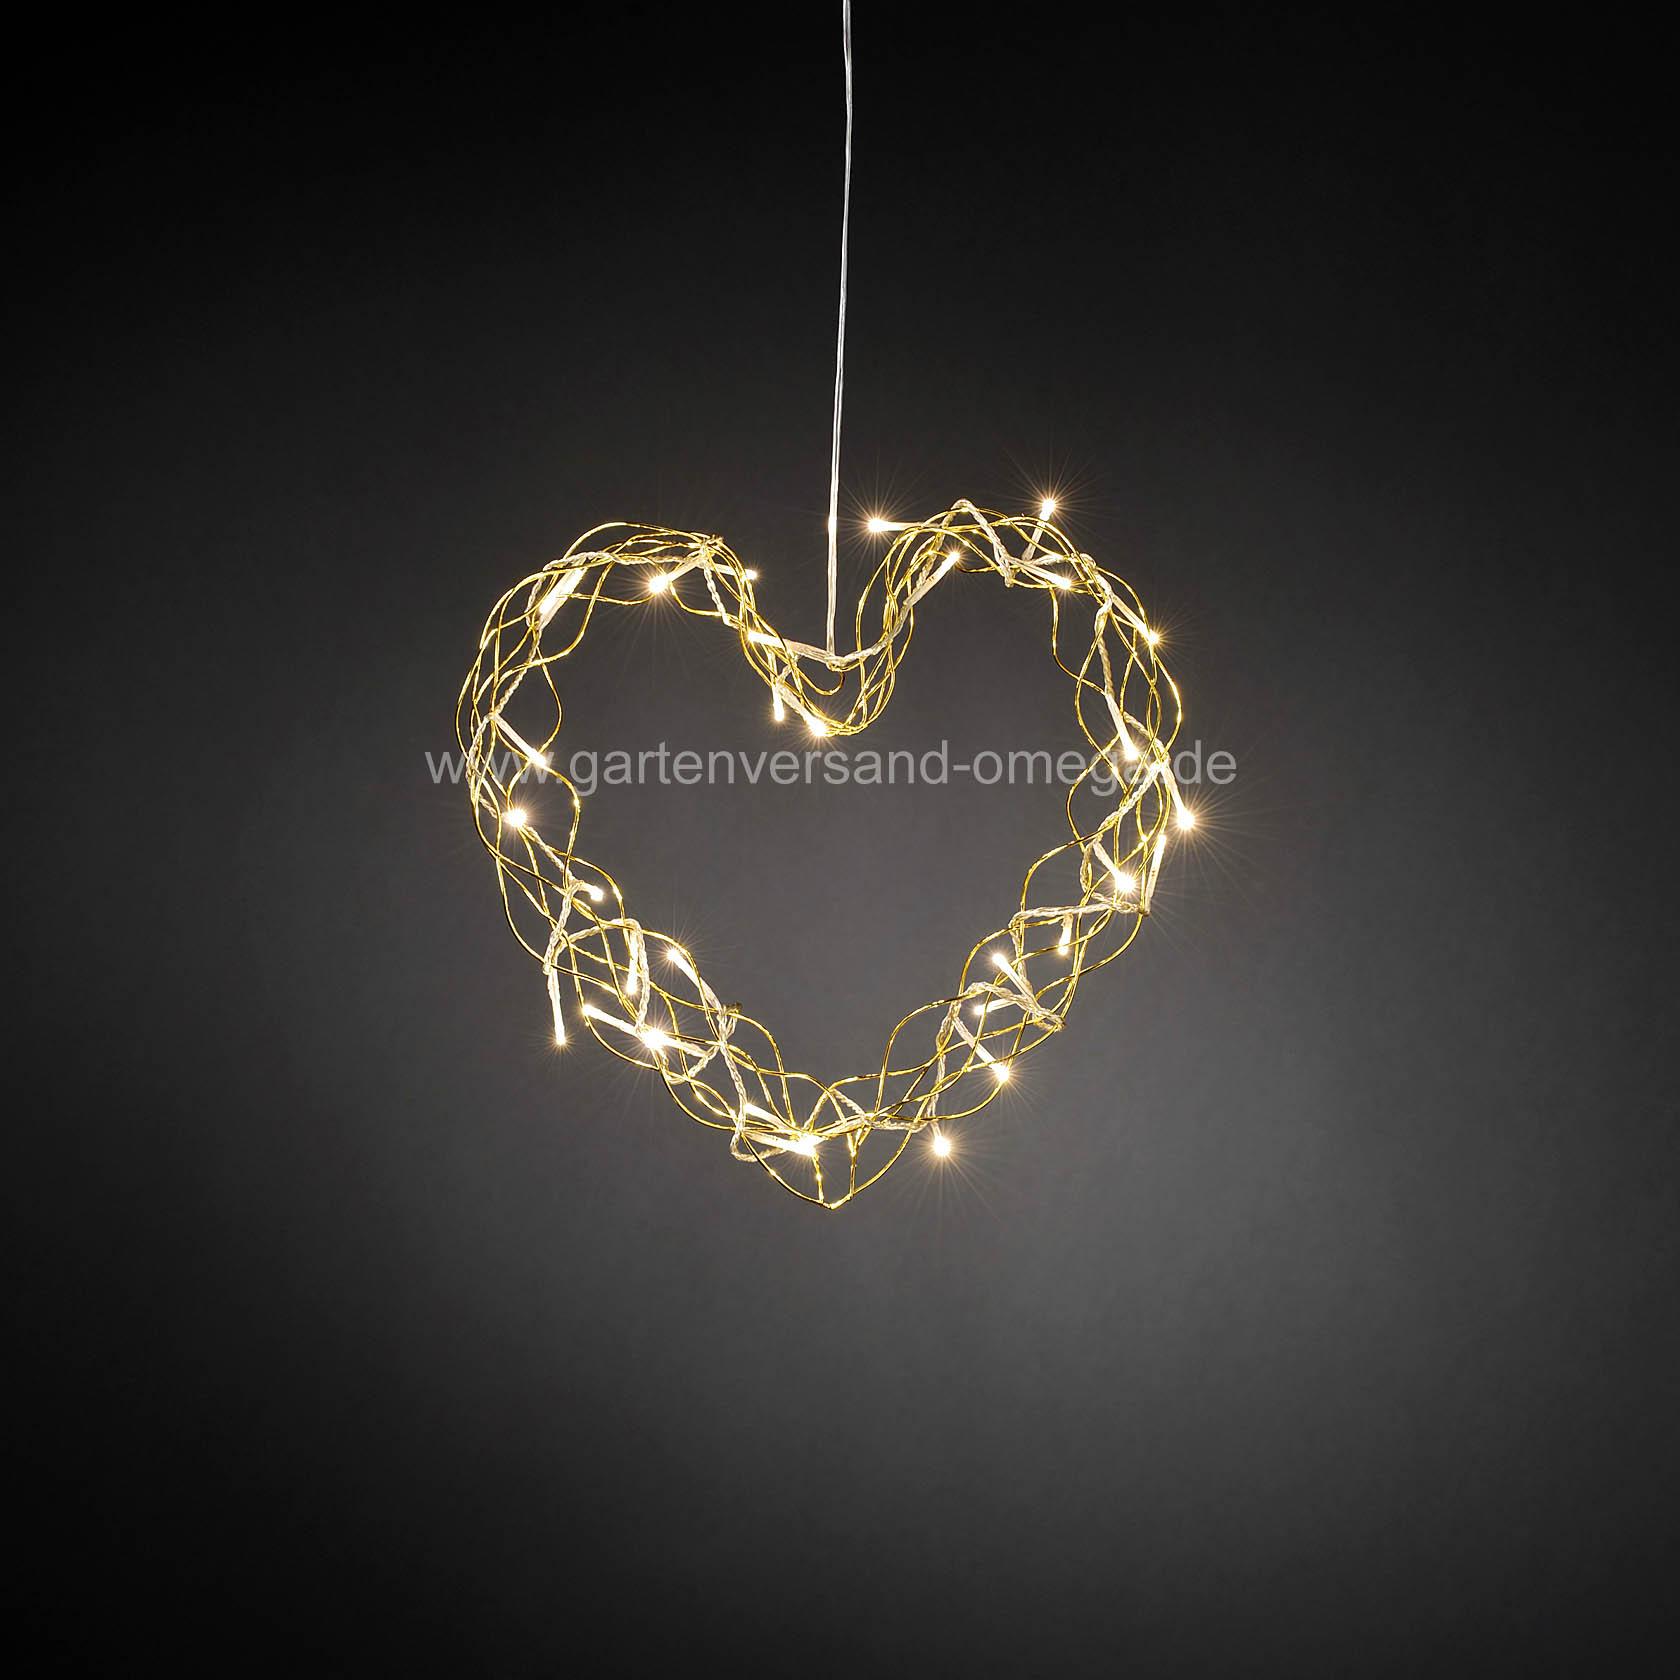 led metallsilhouette herz gold dekorationsbeleuchtung. Black Bedroom Furniture Sets. Home Design Ideas